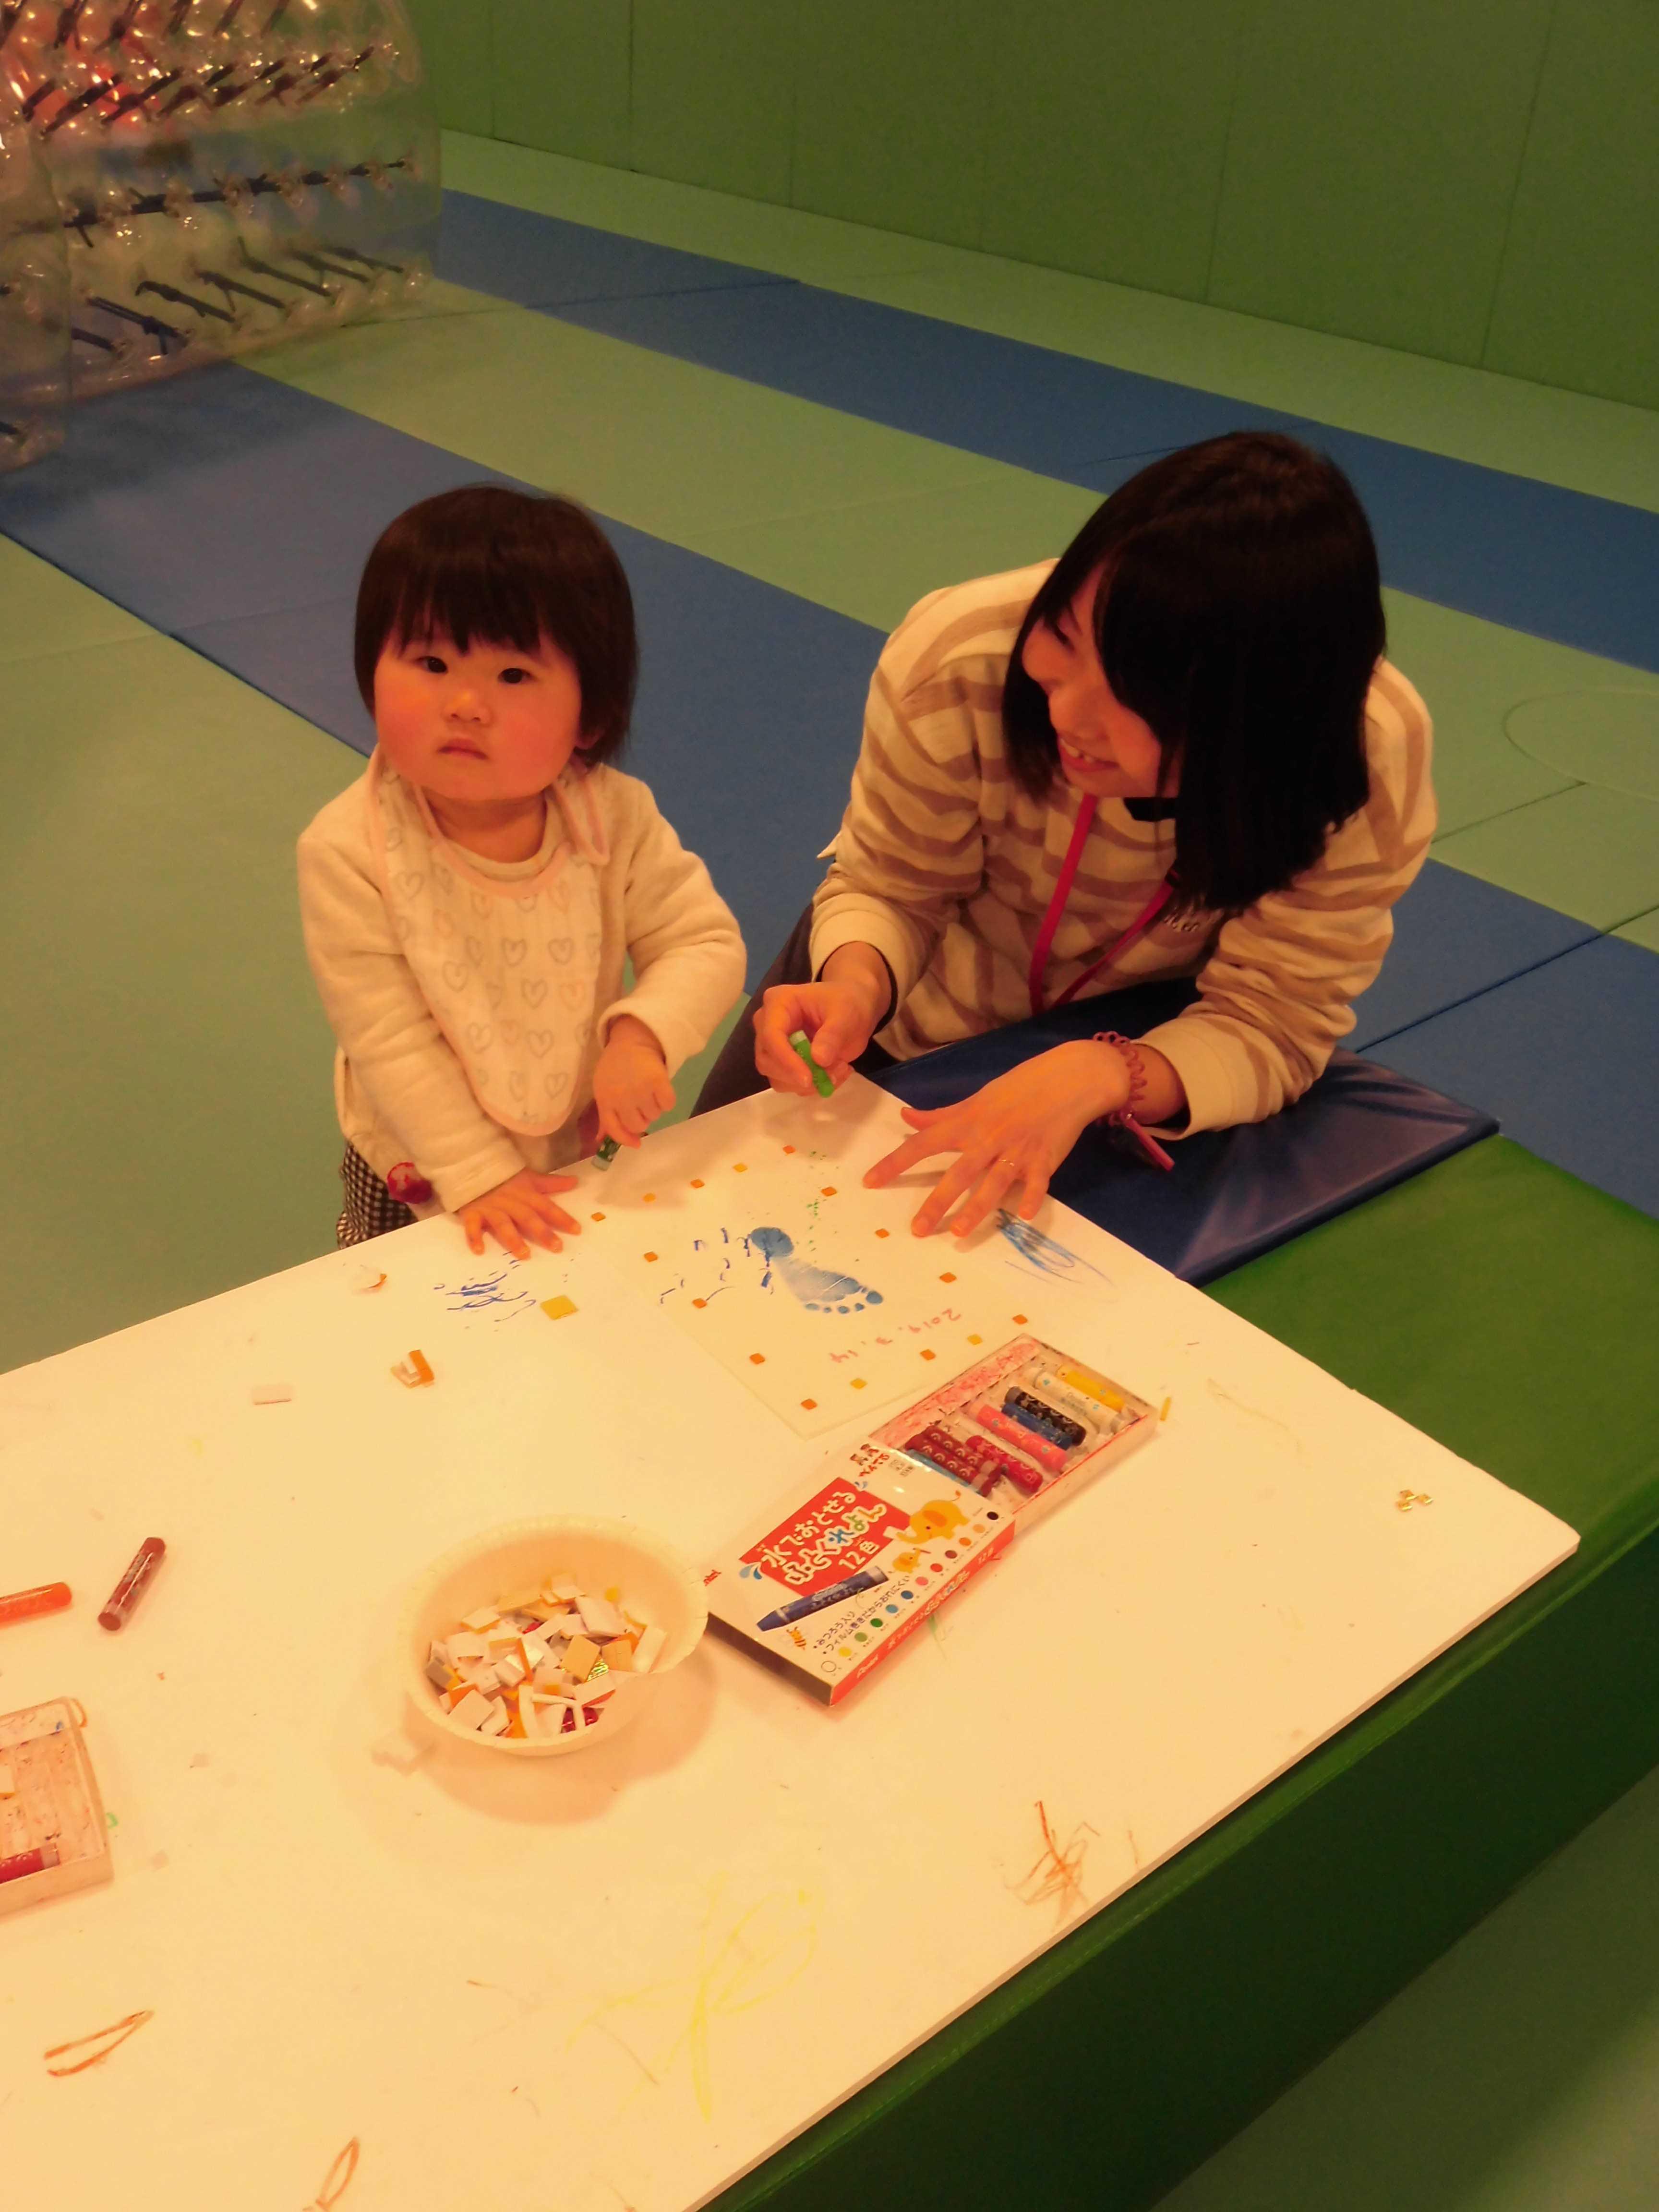 【毎週木曜日は赤ちゃんの日】9月のカレンダー作り!